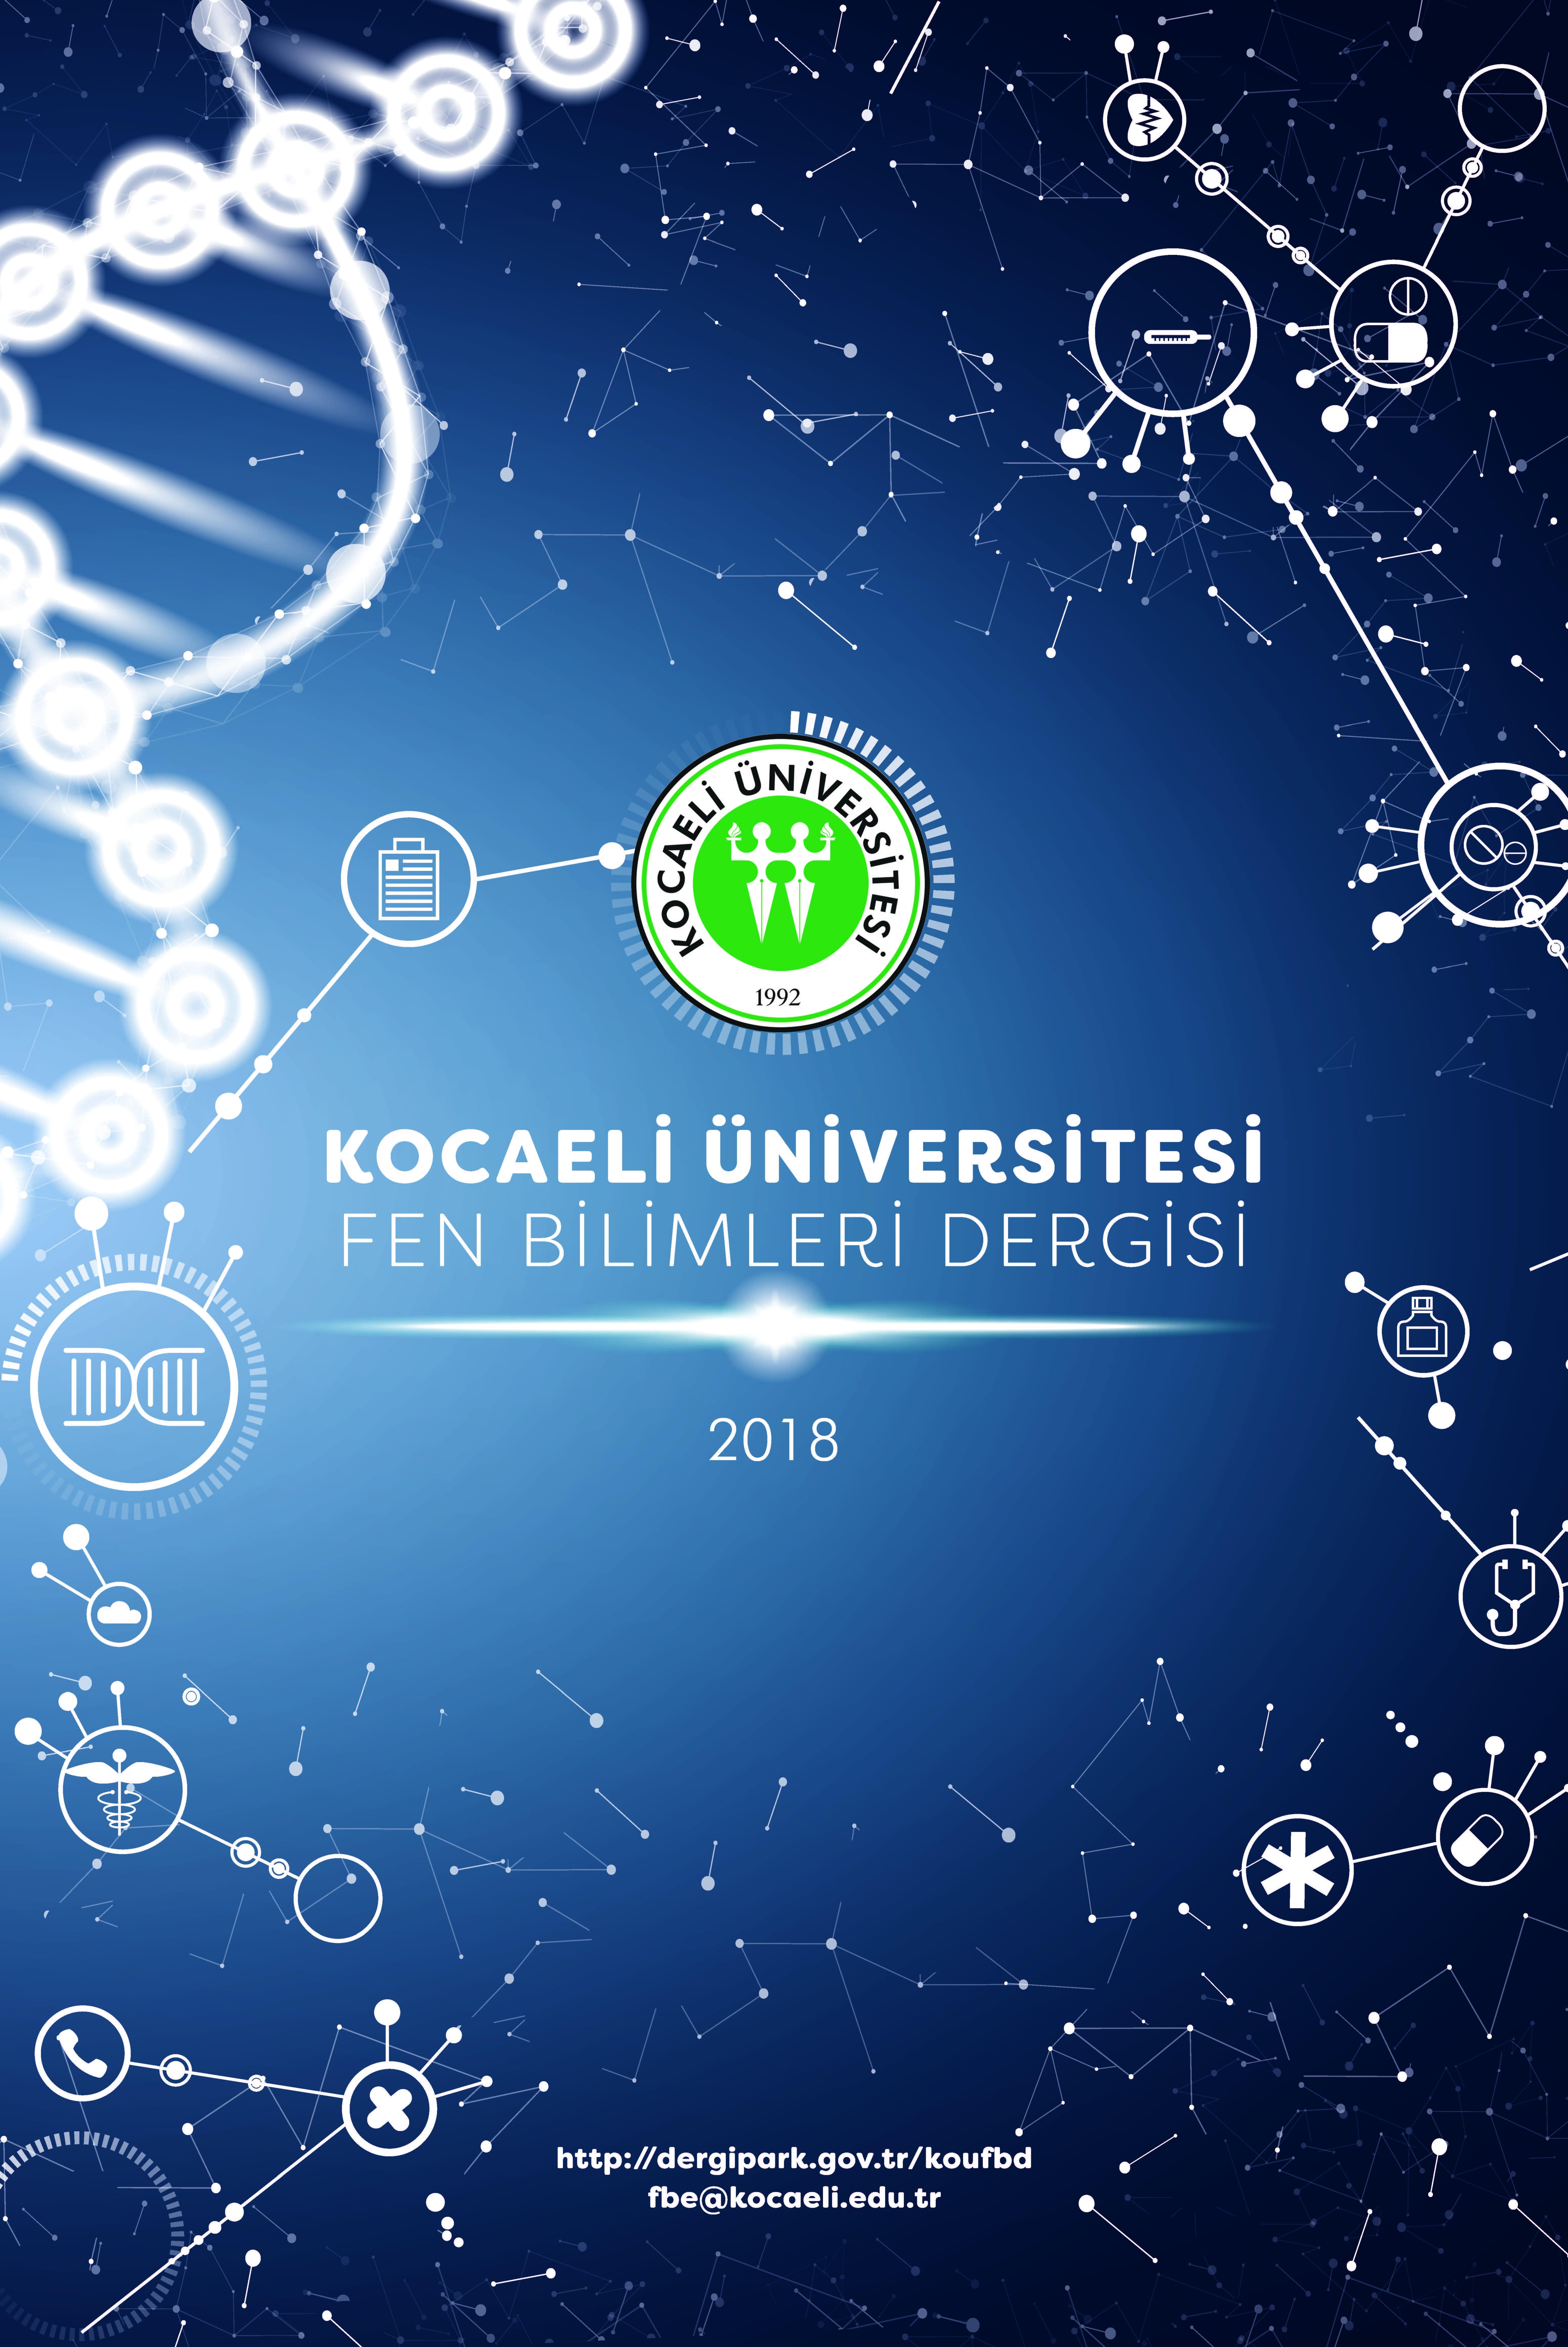 Kocaeli Üniversitesi Fen Bilimleri Dergisi